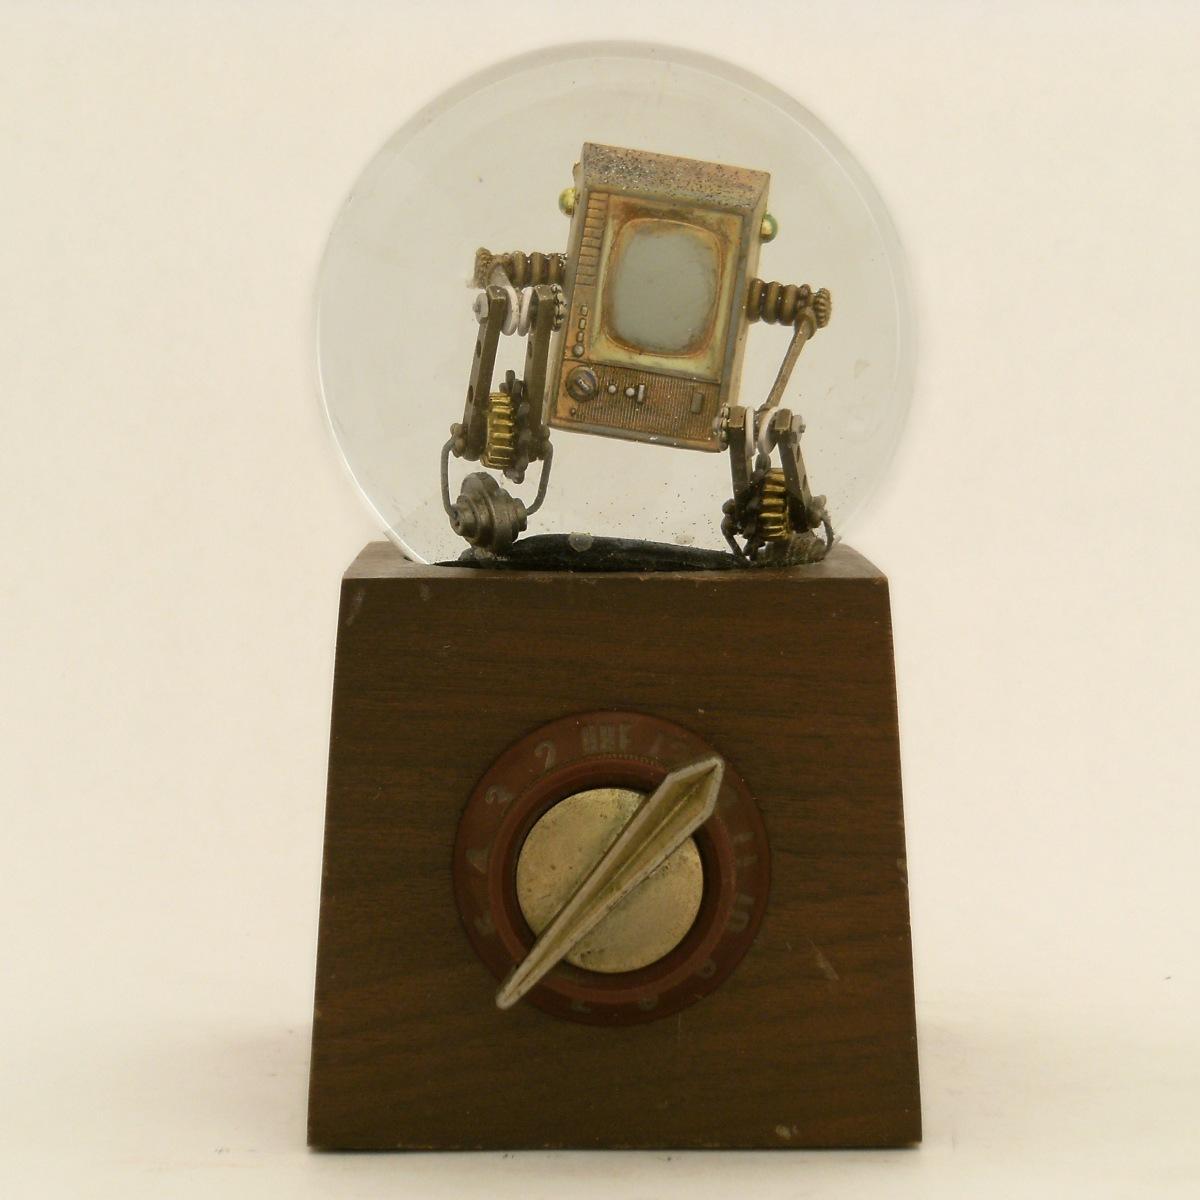 Re-Run Vintage Television snow globe, Camryn Forrest Designs 2013